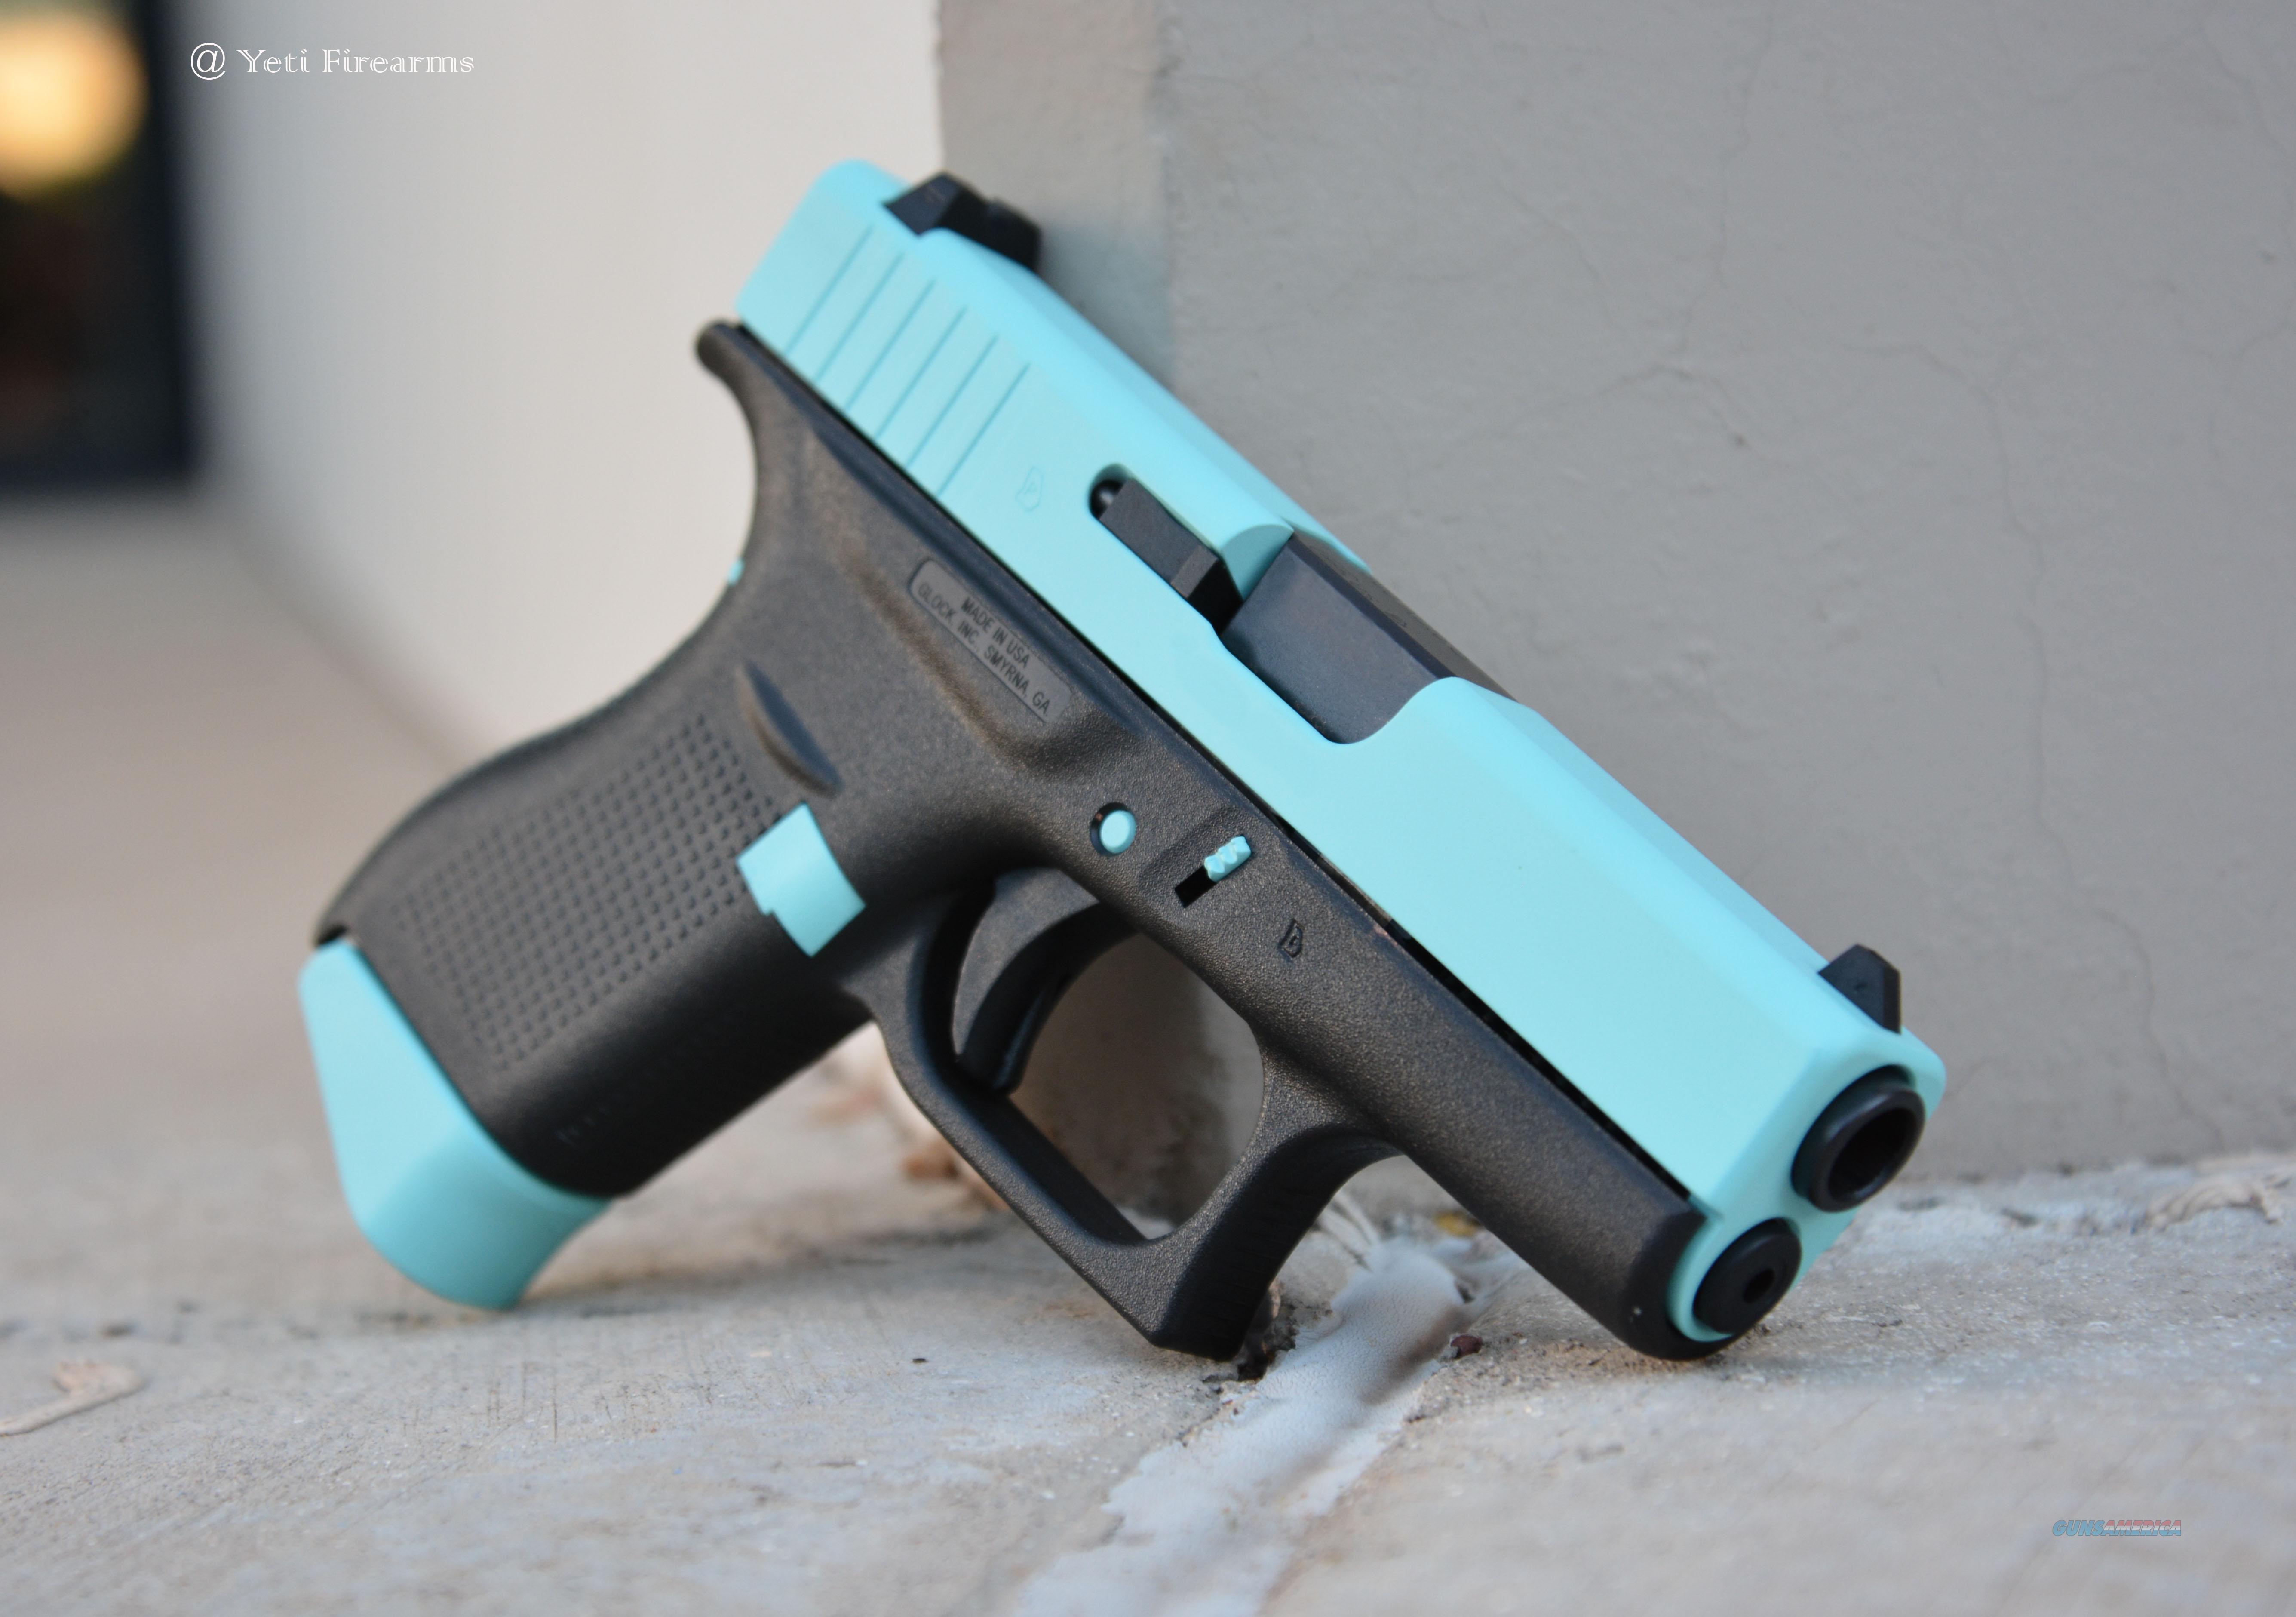 X-Werks Glock 42 robin's egg blue Slide 3 Mags  380